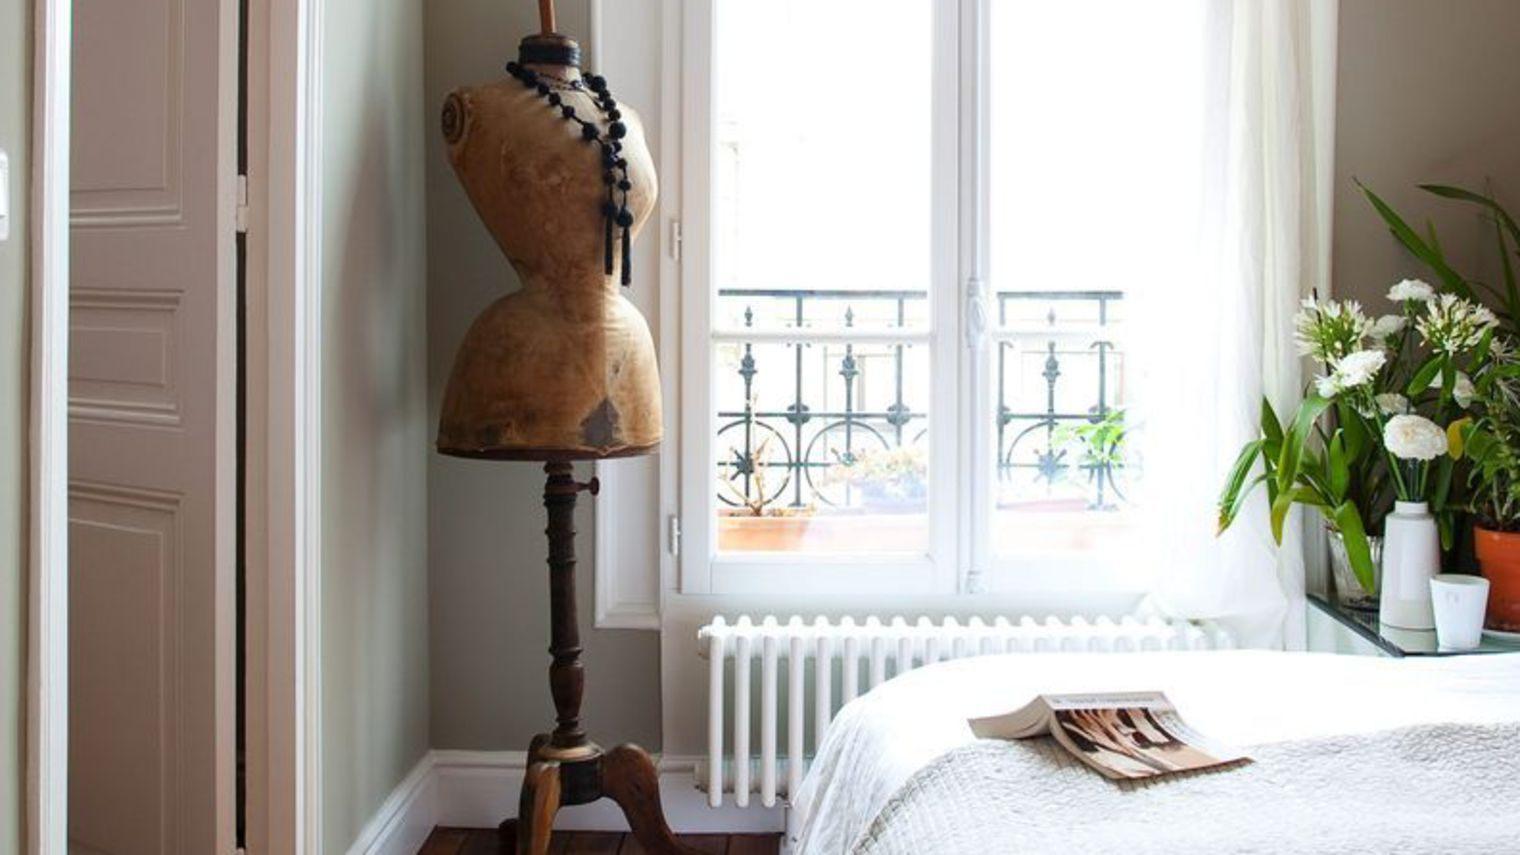 Comment Placer son Lit Dans Une Petite Chambre Beau Une Chambre Dans Une Maison Particuli¨re Mesoffresderemboursement